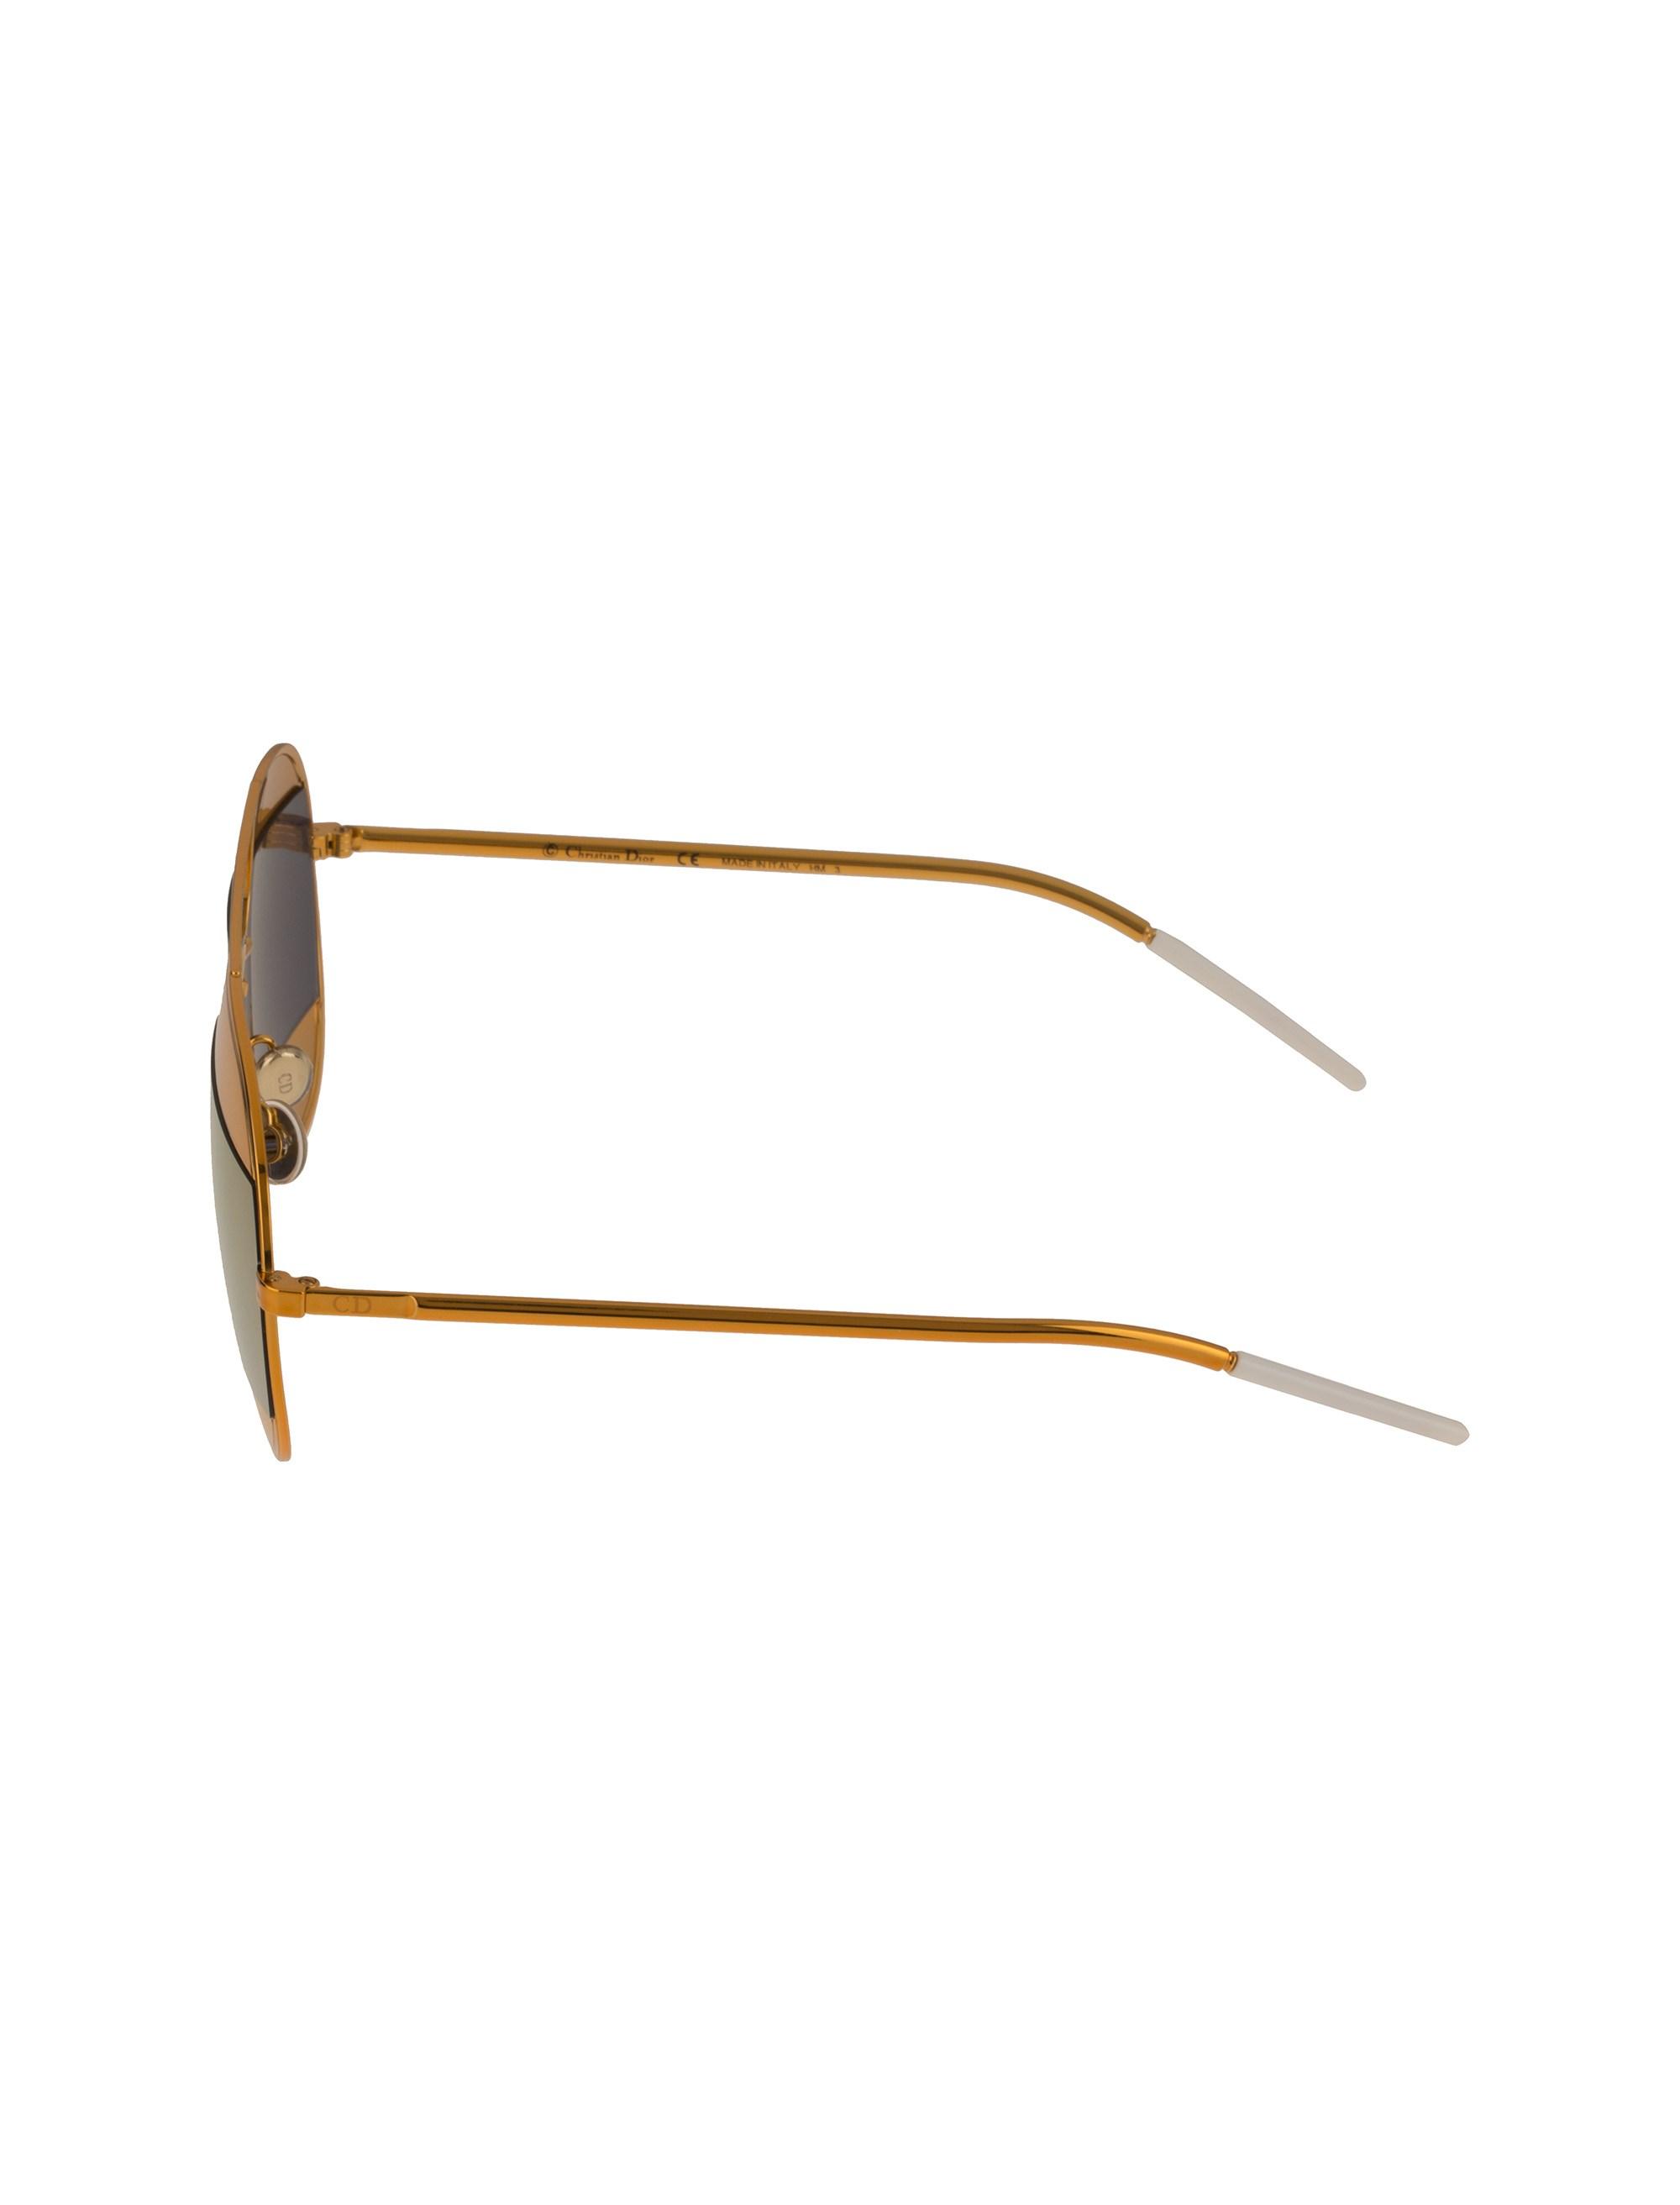 عینک آفتابی خلبانی زنانه - دیور - طلايي  - 3